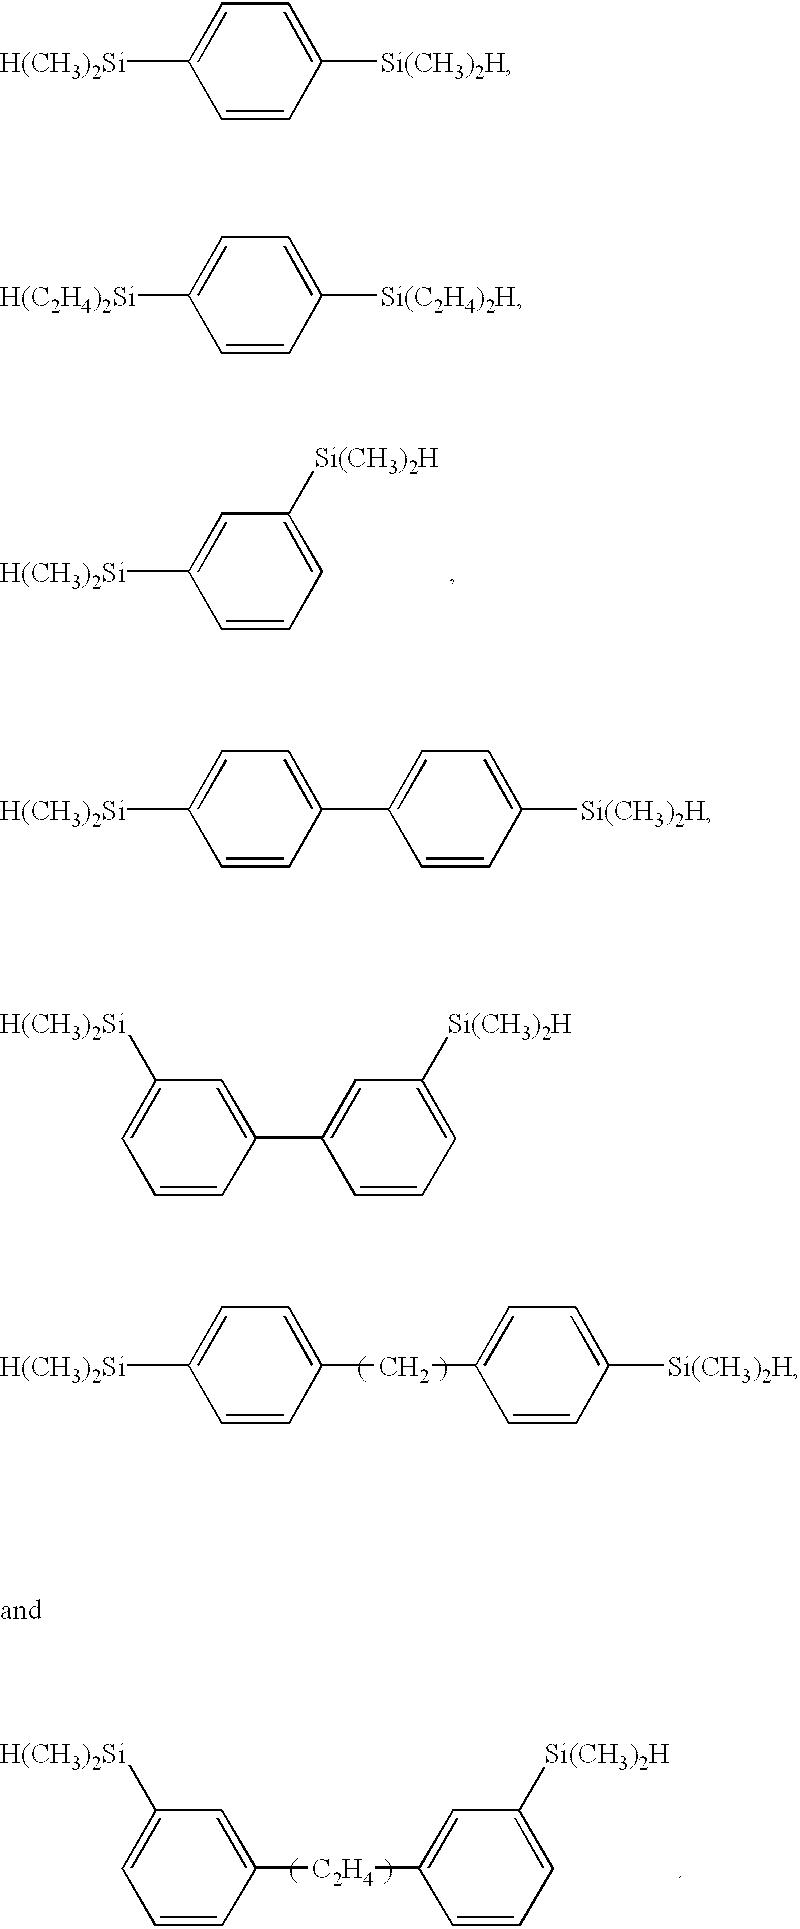 Figure US06509423-20030121-C00007